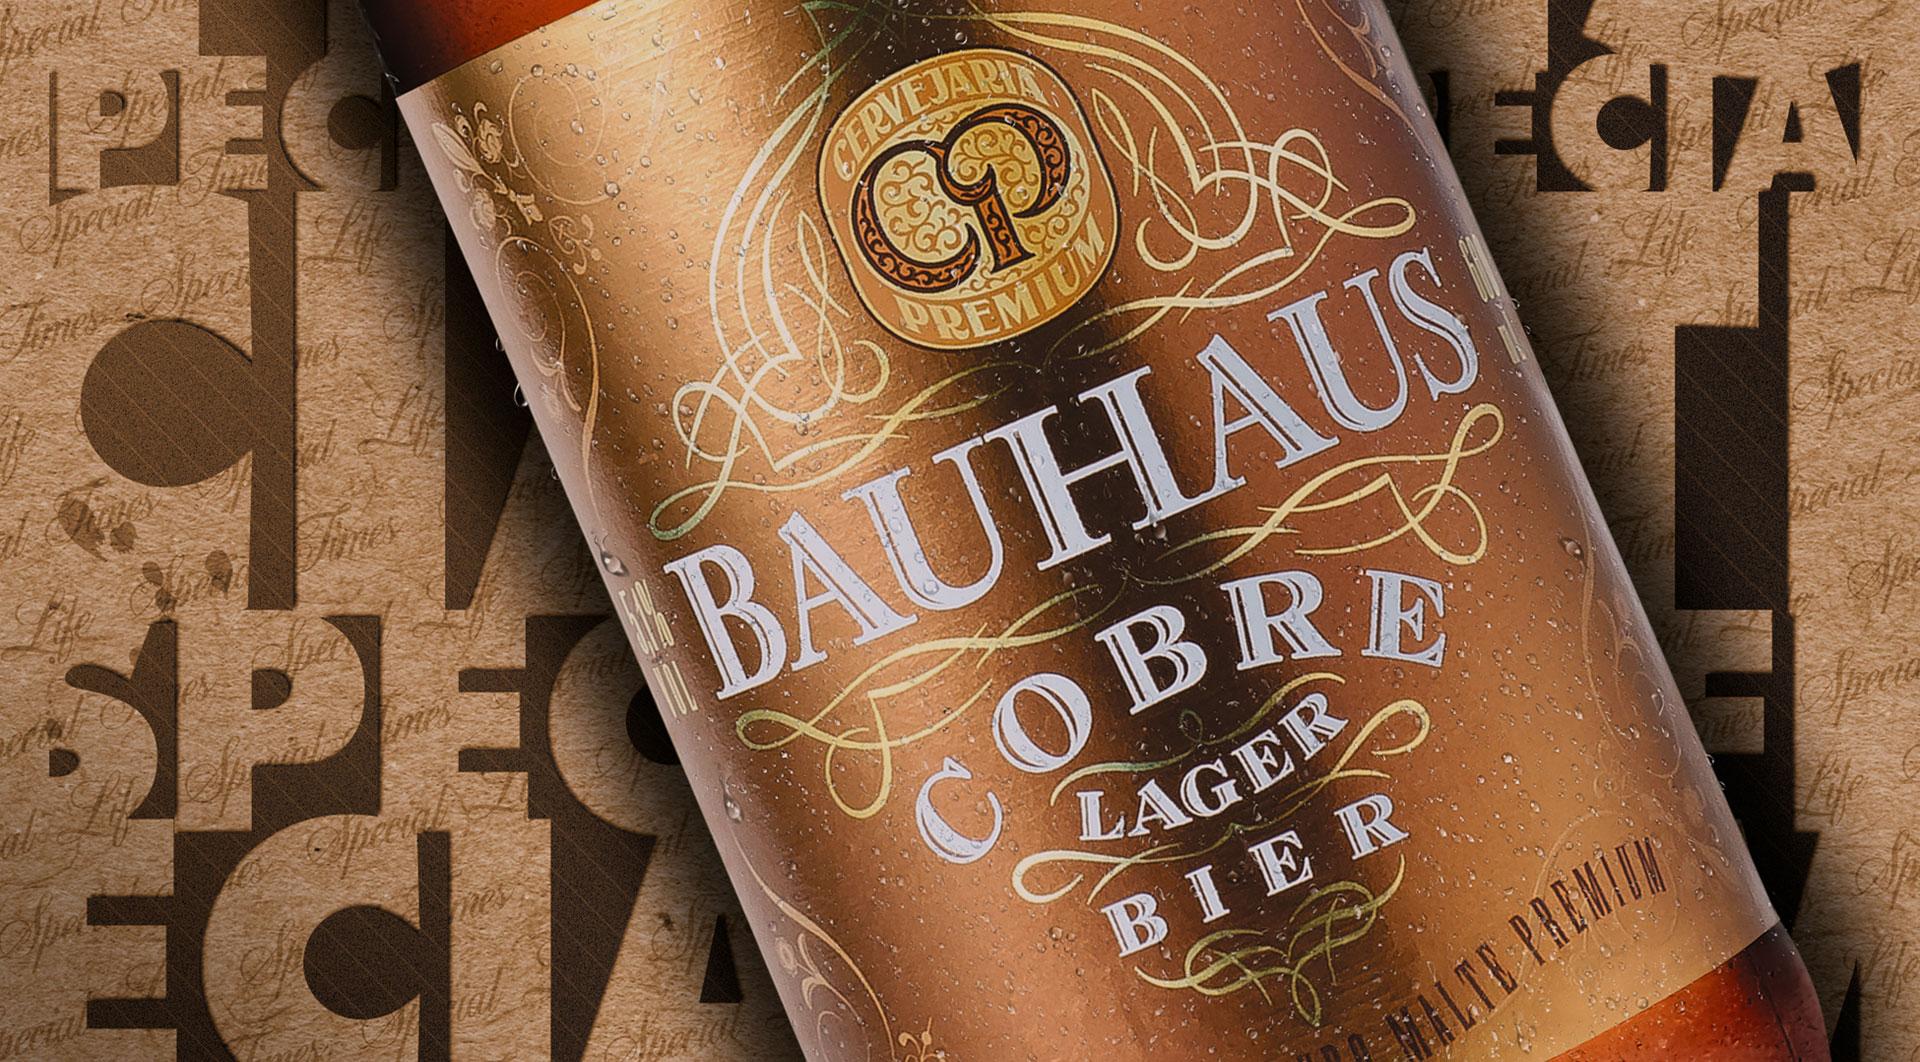 Cerveja Bauhaus